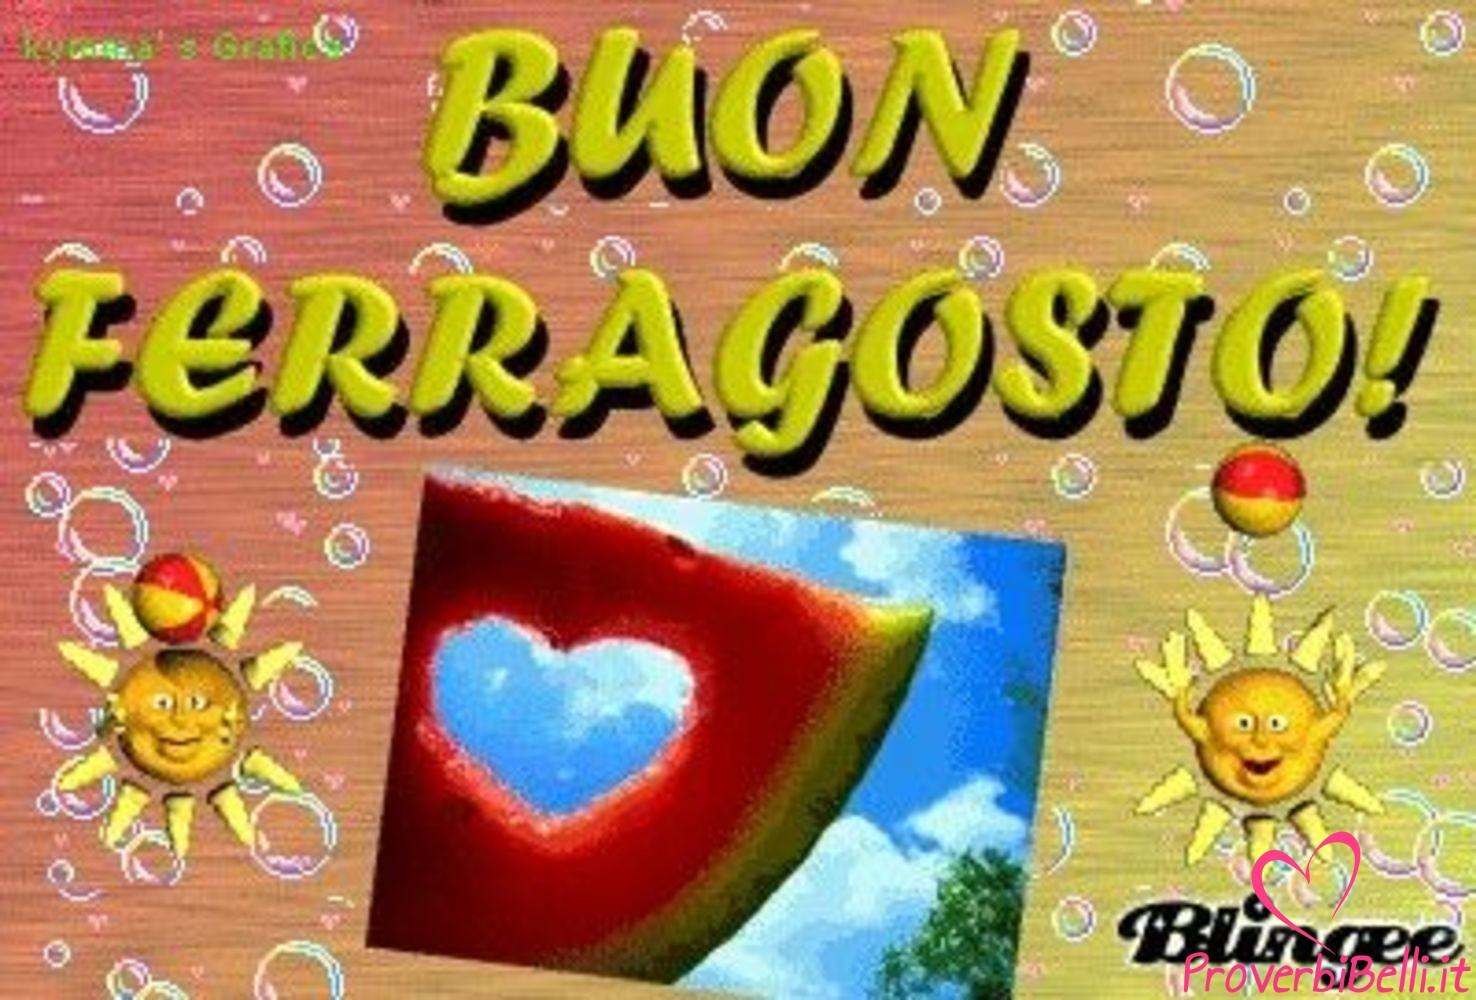 Ferragosto-Immagini-Whatsapp-Belle-58